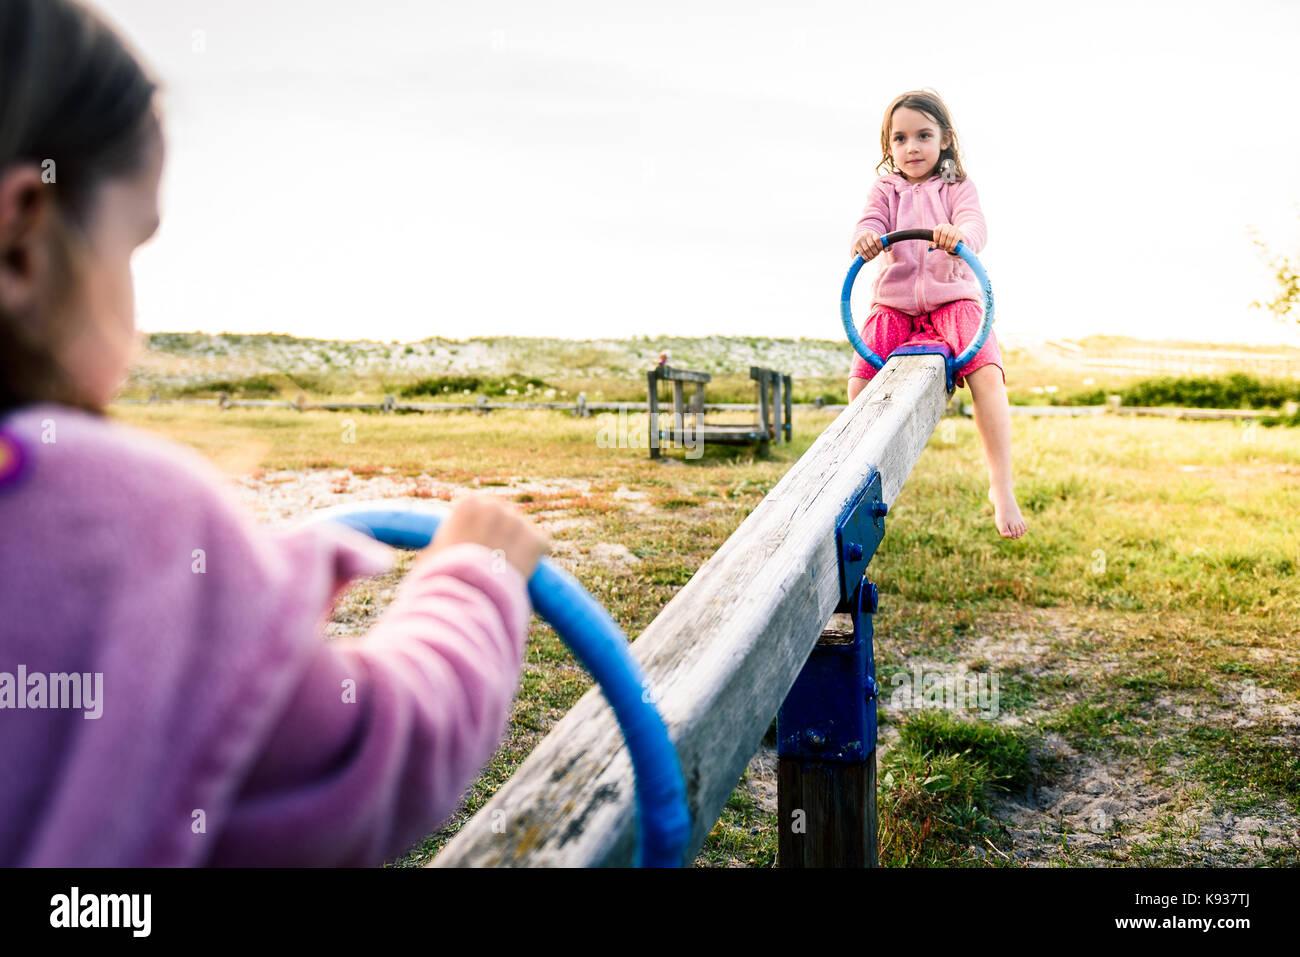 Poco due gemelle bambini stanno cavalcando altalena altalena nel parco. attivo dei bambini che giocano su teeter Immagini Stock